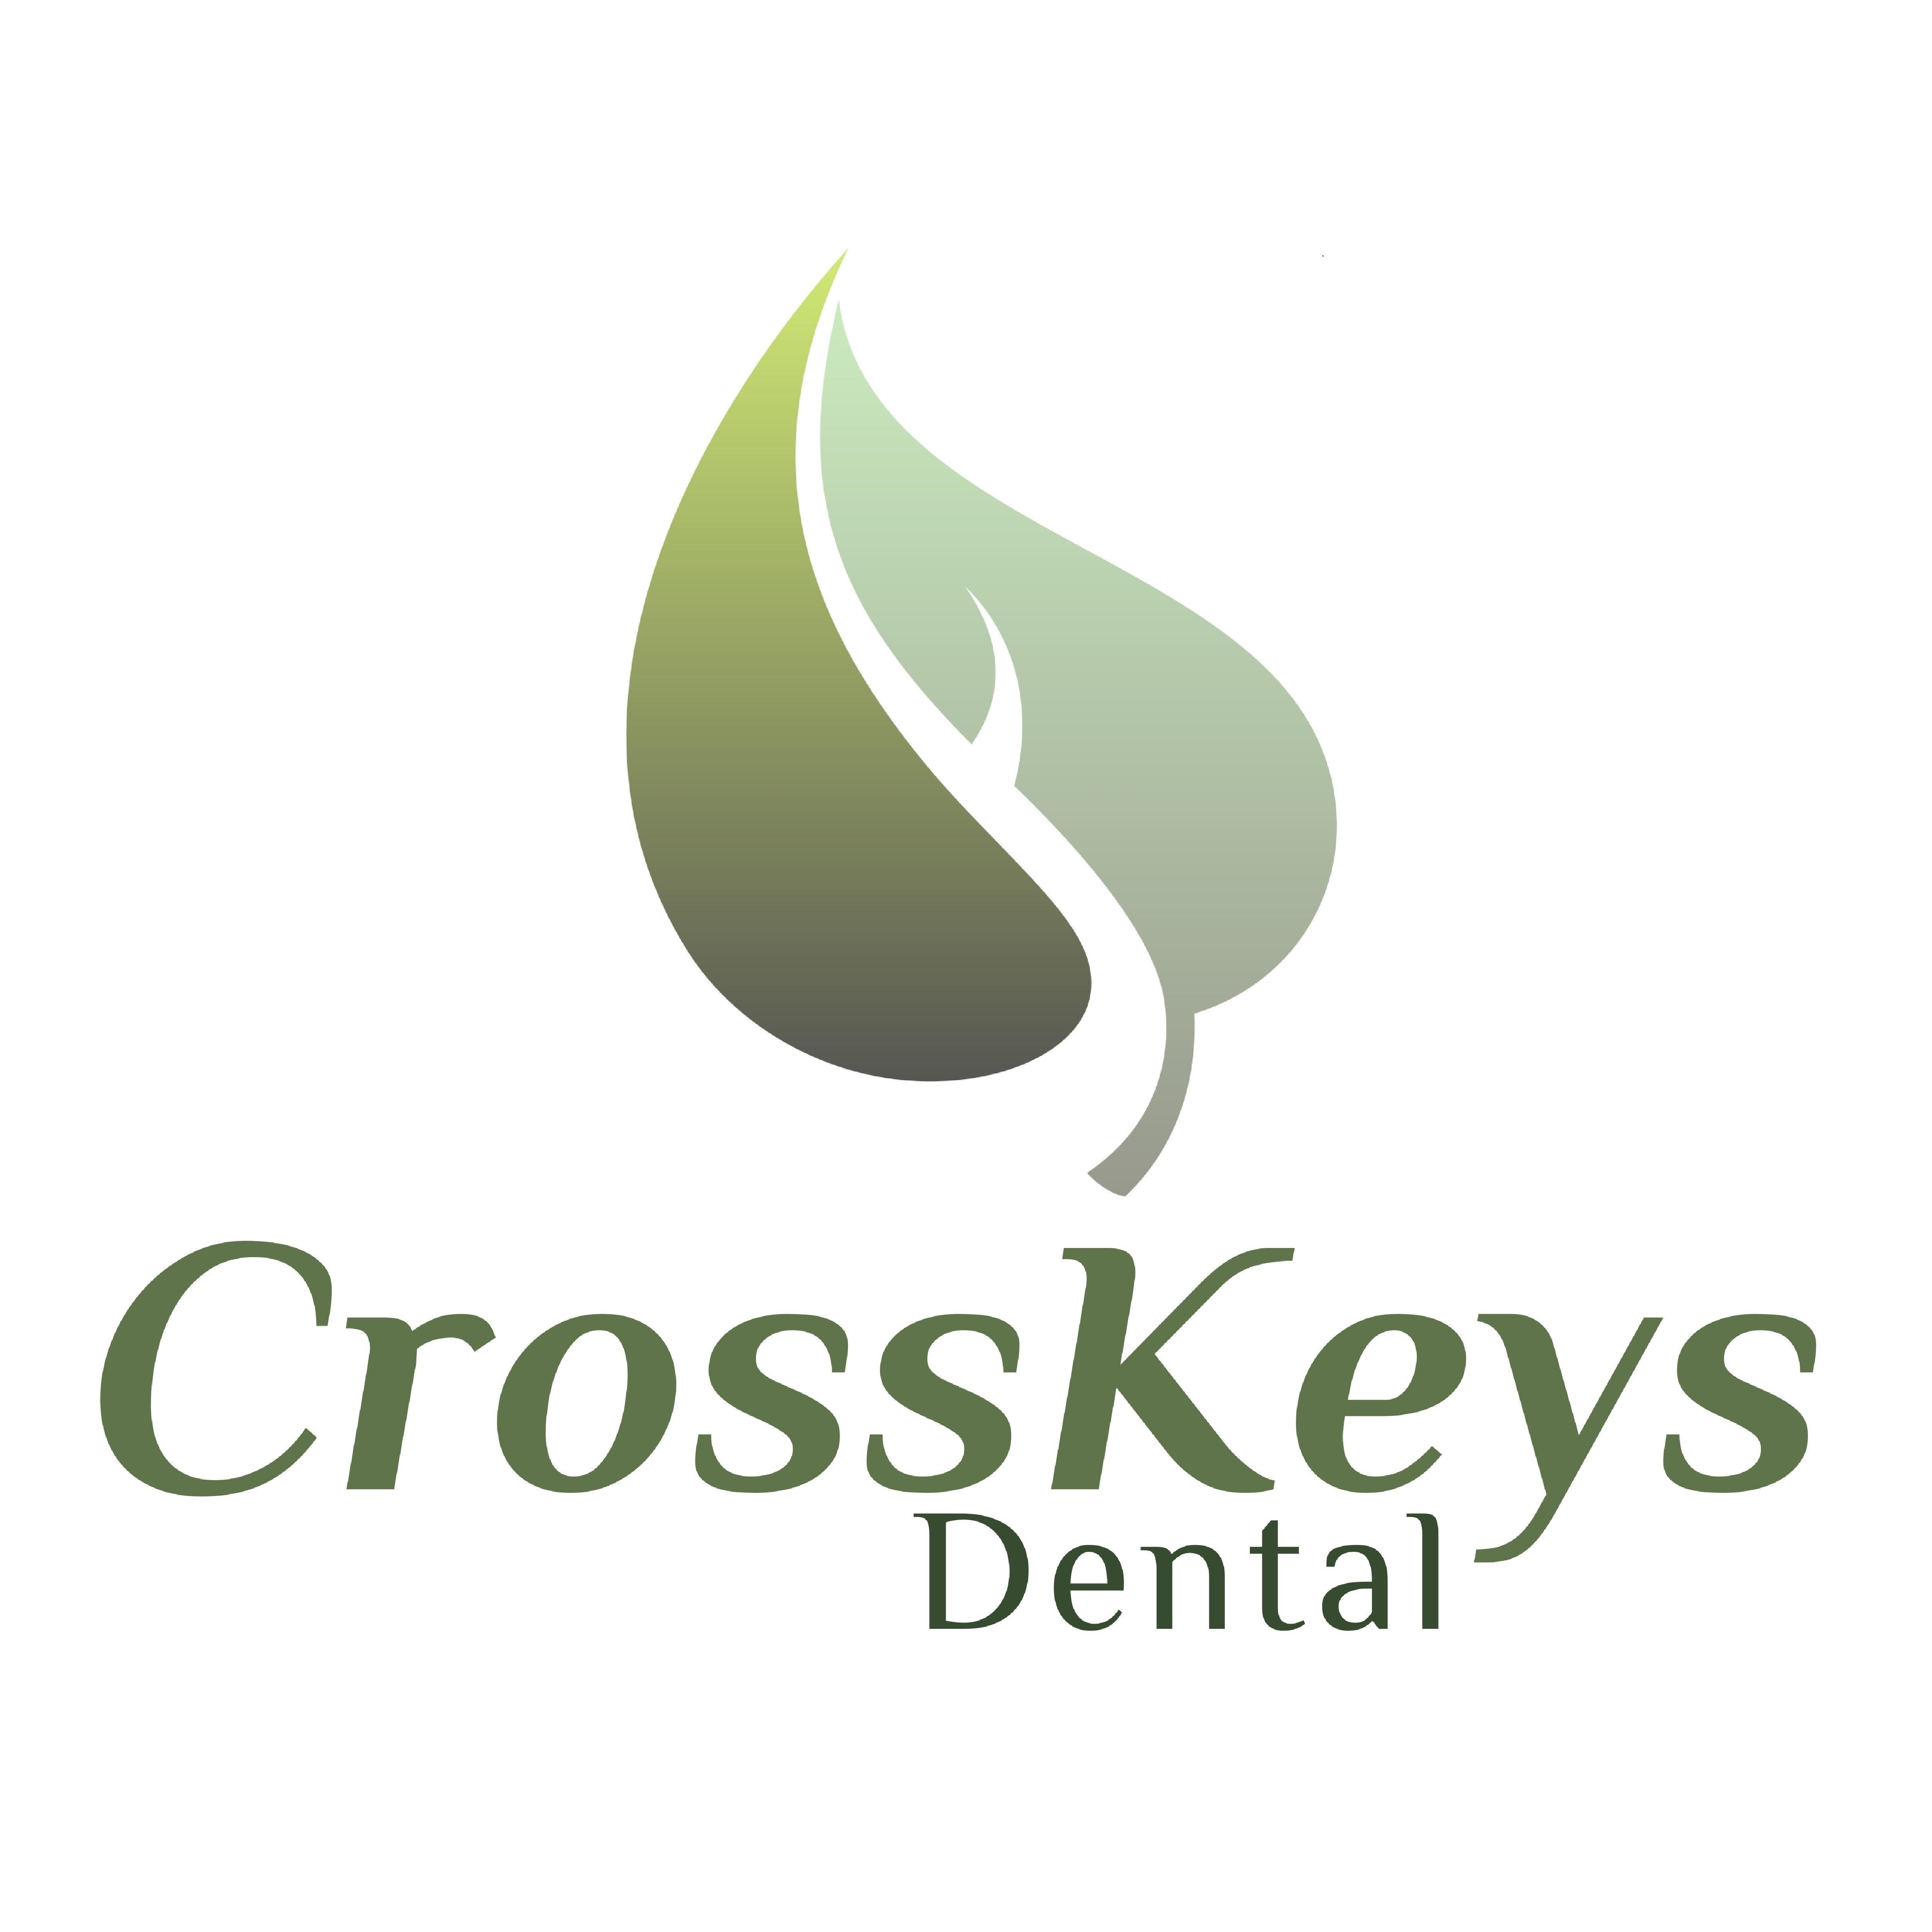 CrossKeys Dental